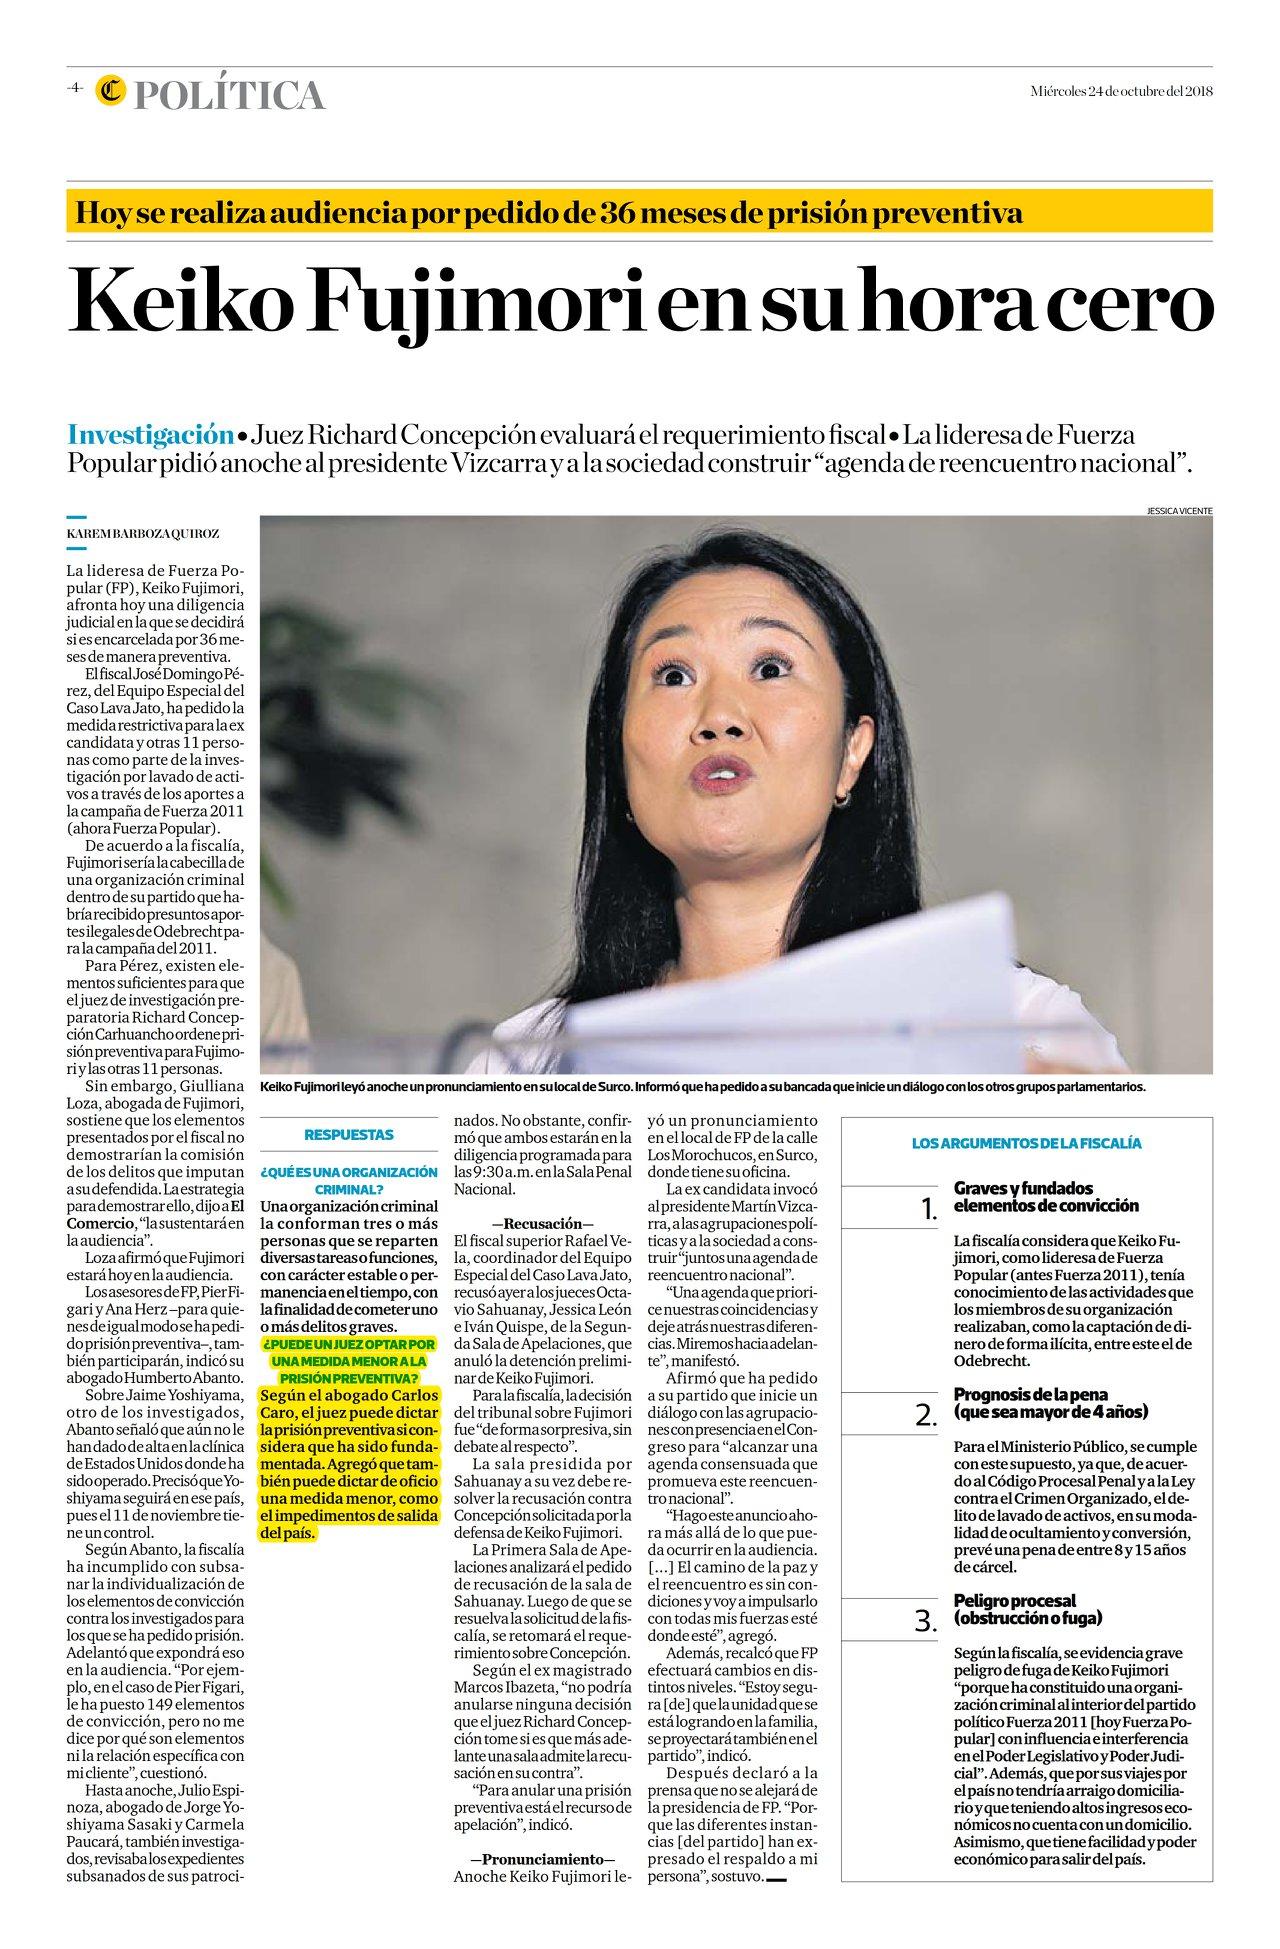 Carlos Caroopina EnDiario El Comercio (Perú)(24.10.18)